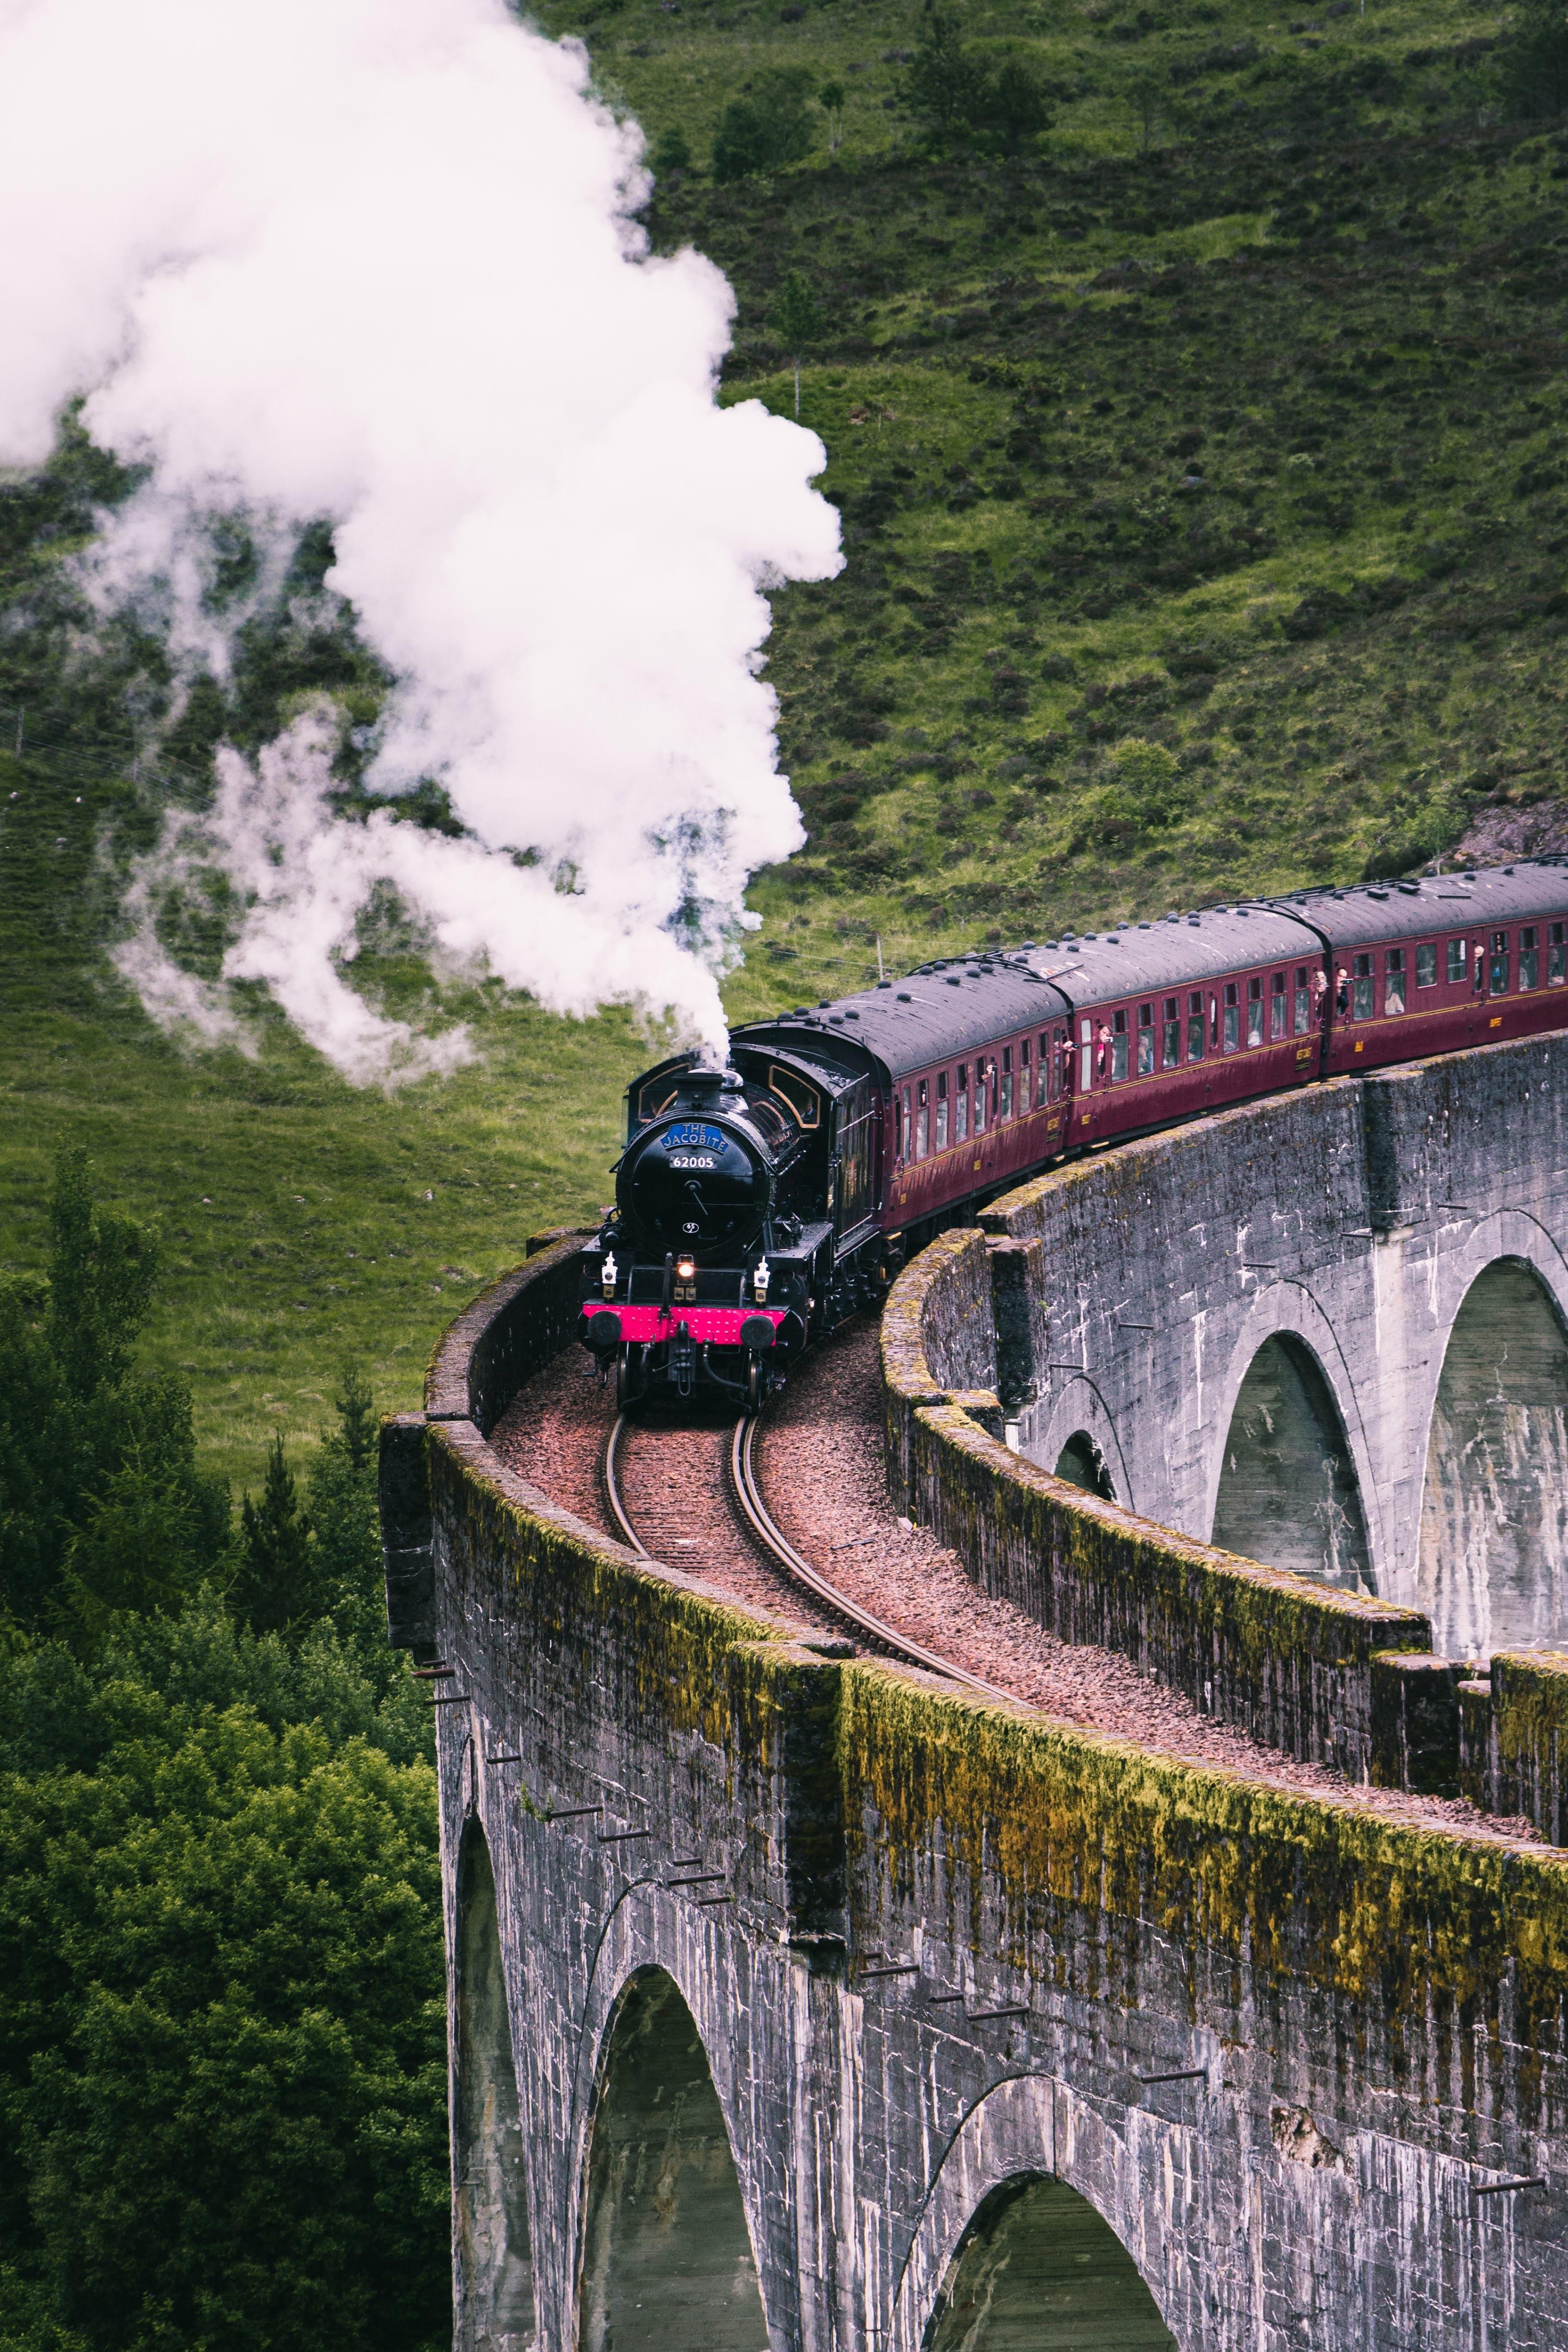 Bahnfahrten sind nicht nur besser für die Umwelt, sie können auch sehr meditativ sein. Außerdem seht ihr so allerhand von dem Land. -Fotocredits: Corry/Unsplash